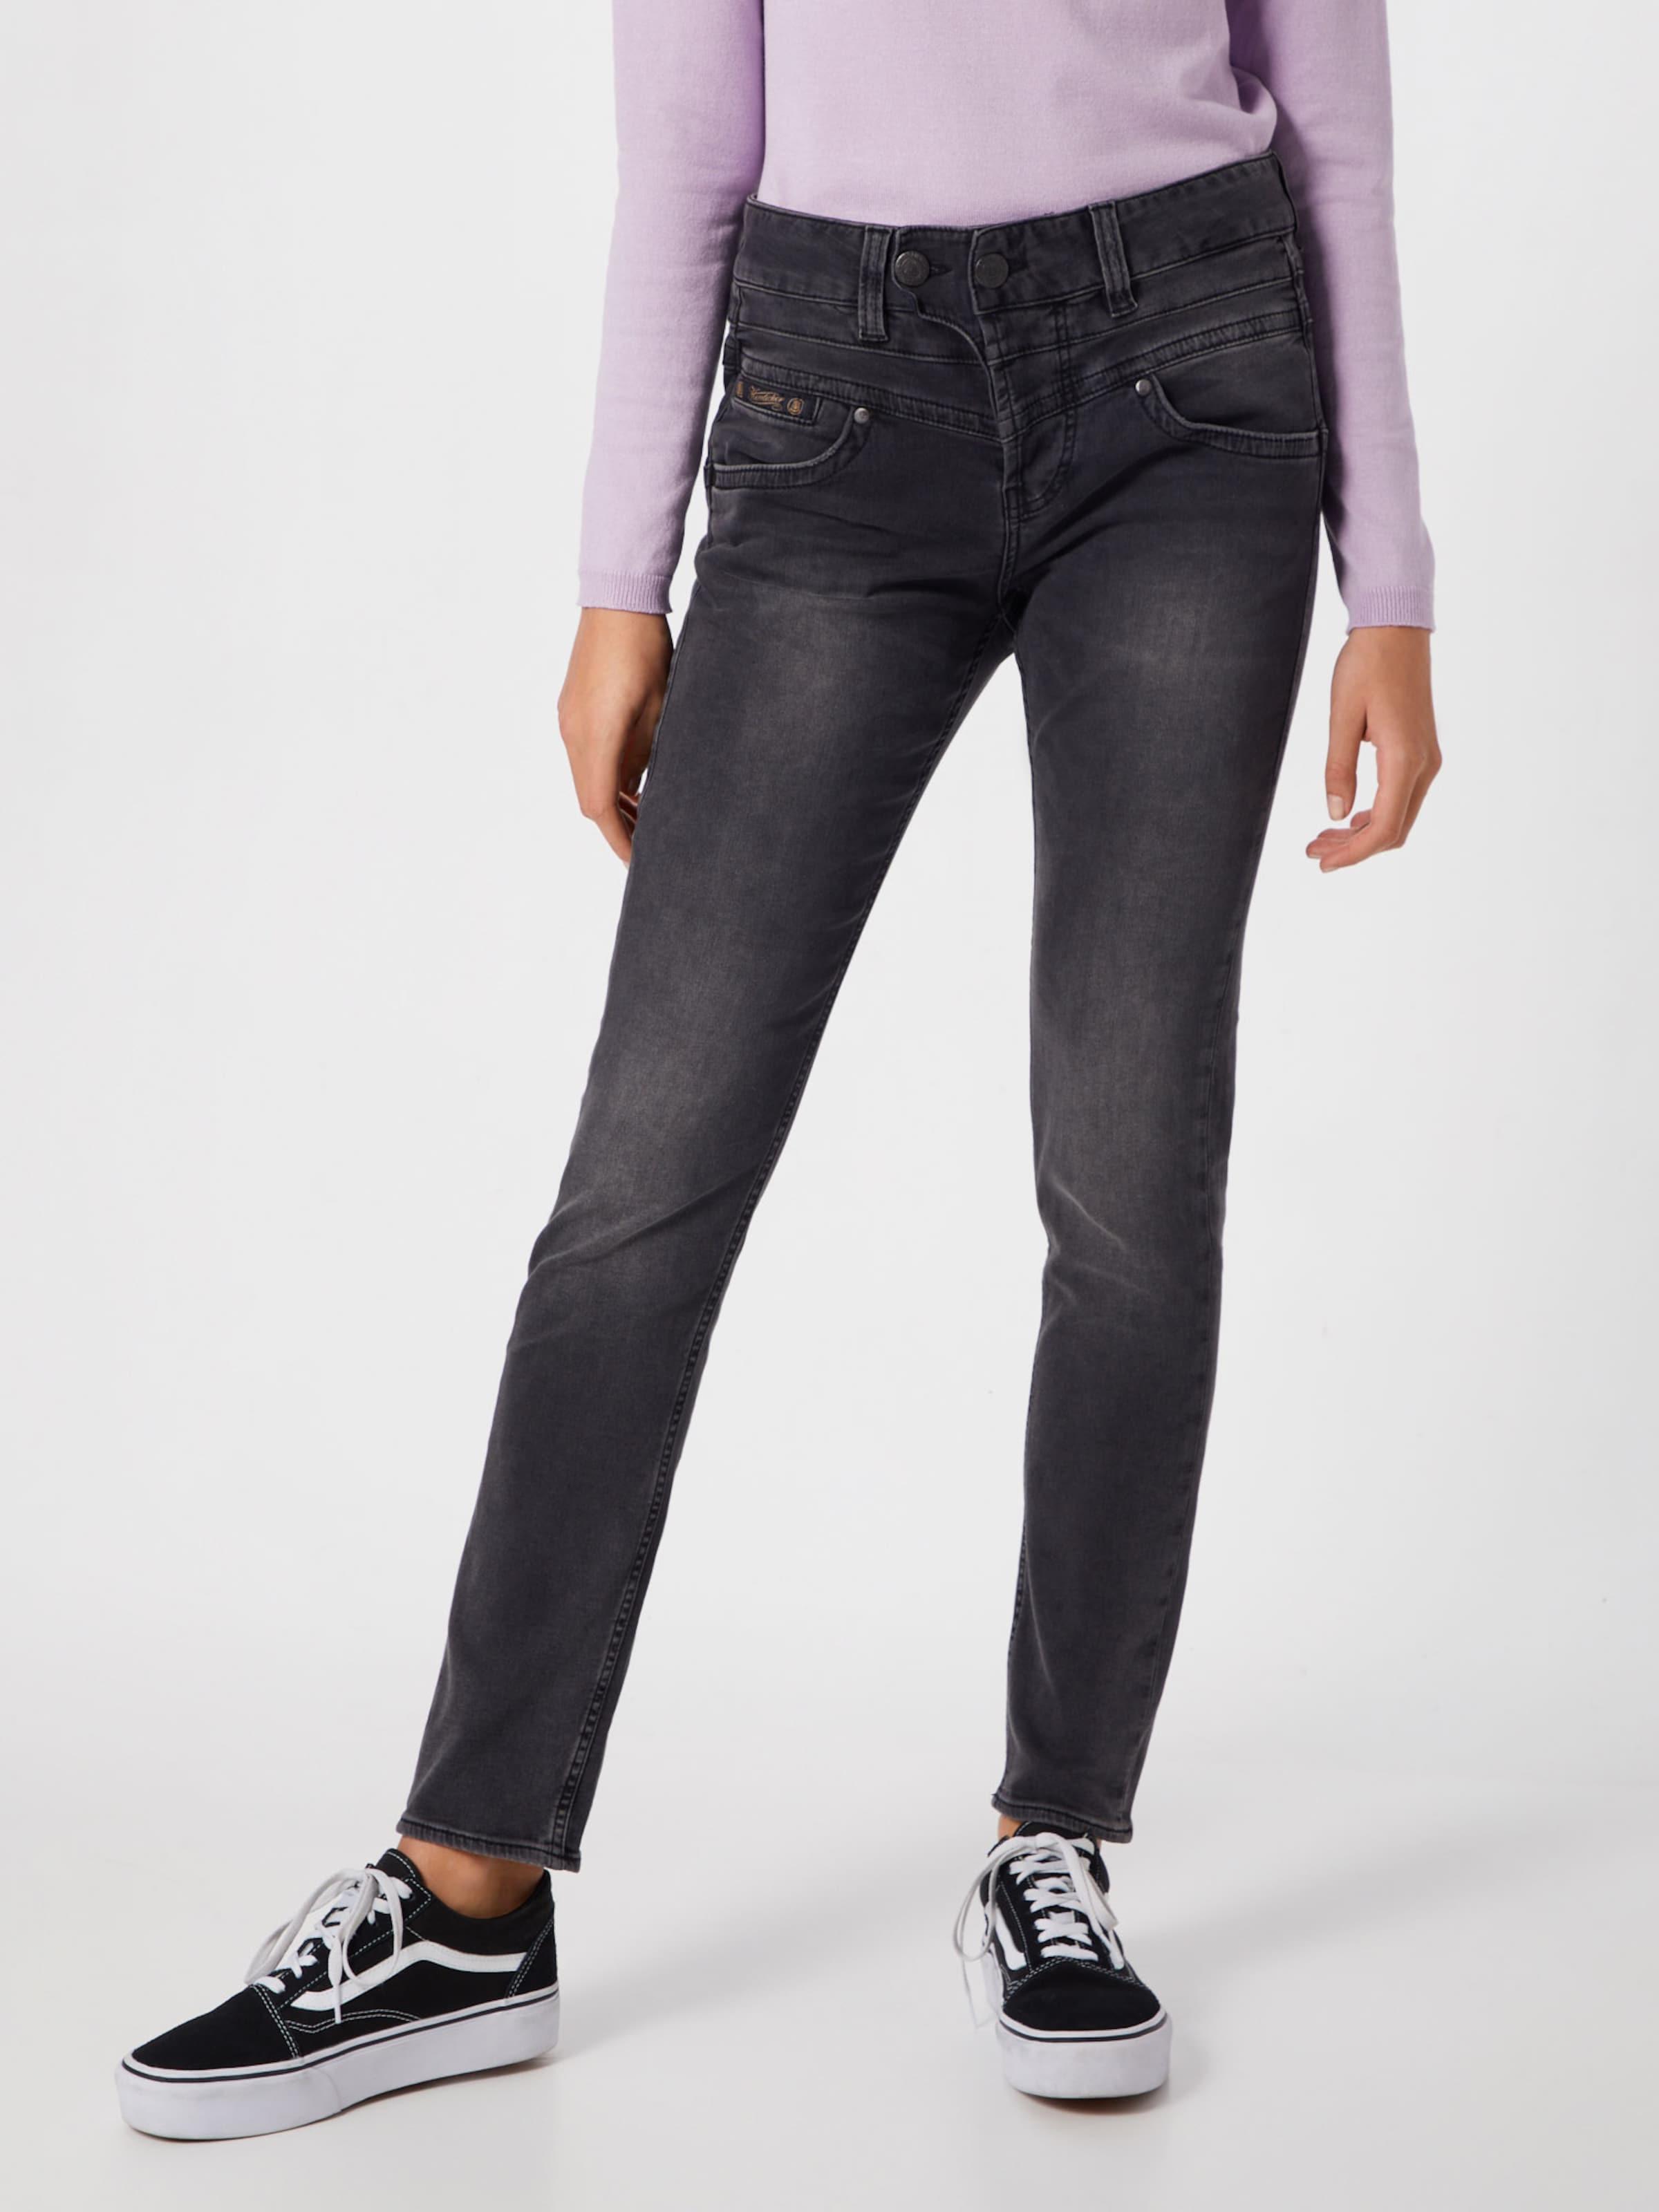 Denim Herrlicher 'bijoum' Grey Jeans In Tl13FKJc